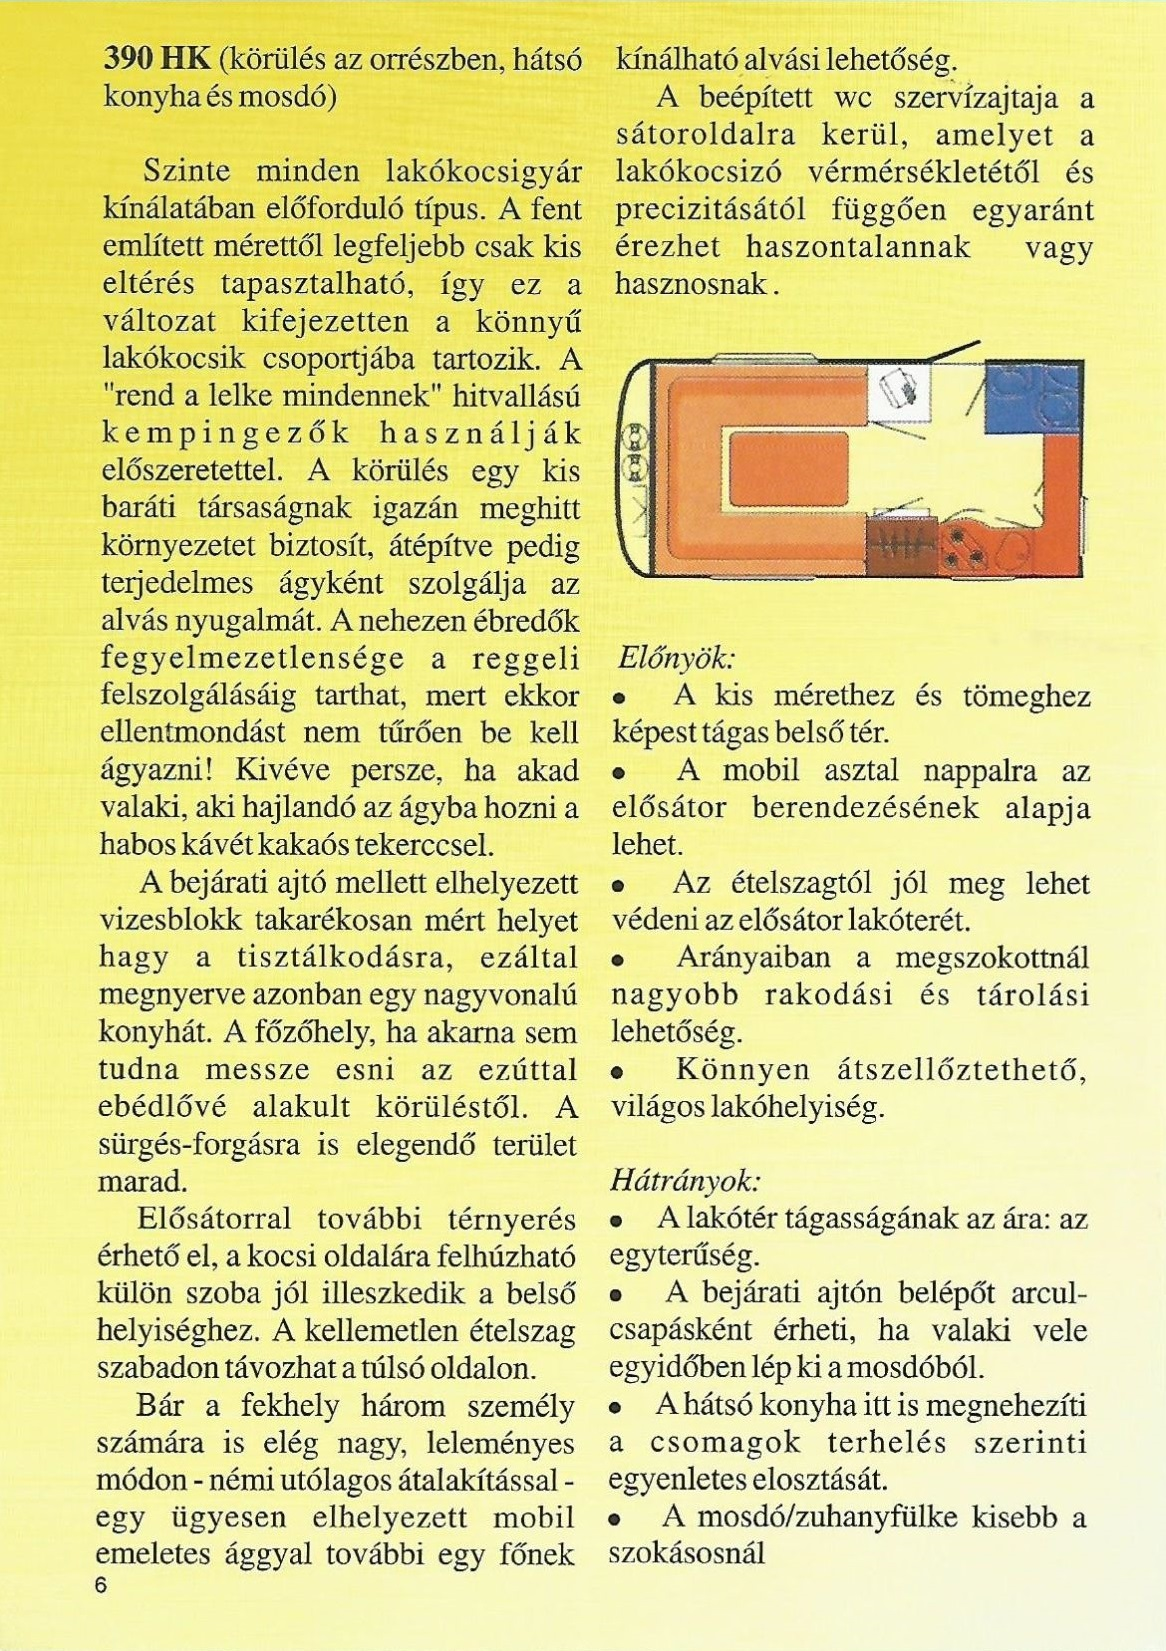 Karavándor magazin 2000 1. szám, Milyen alapon? Alaprajz iskola: 390 HK